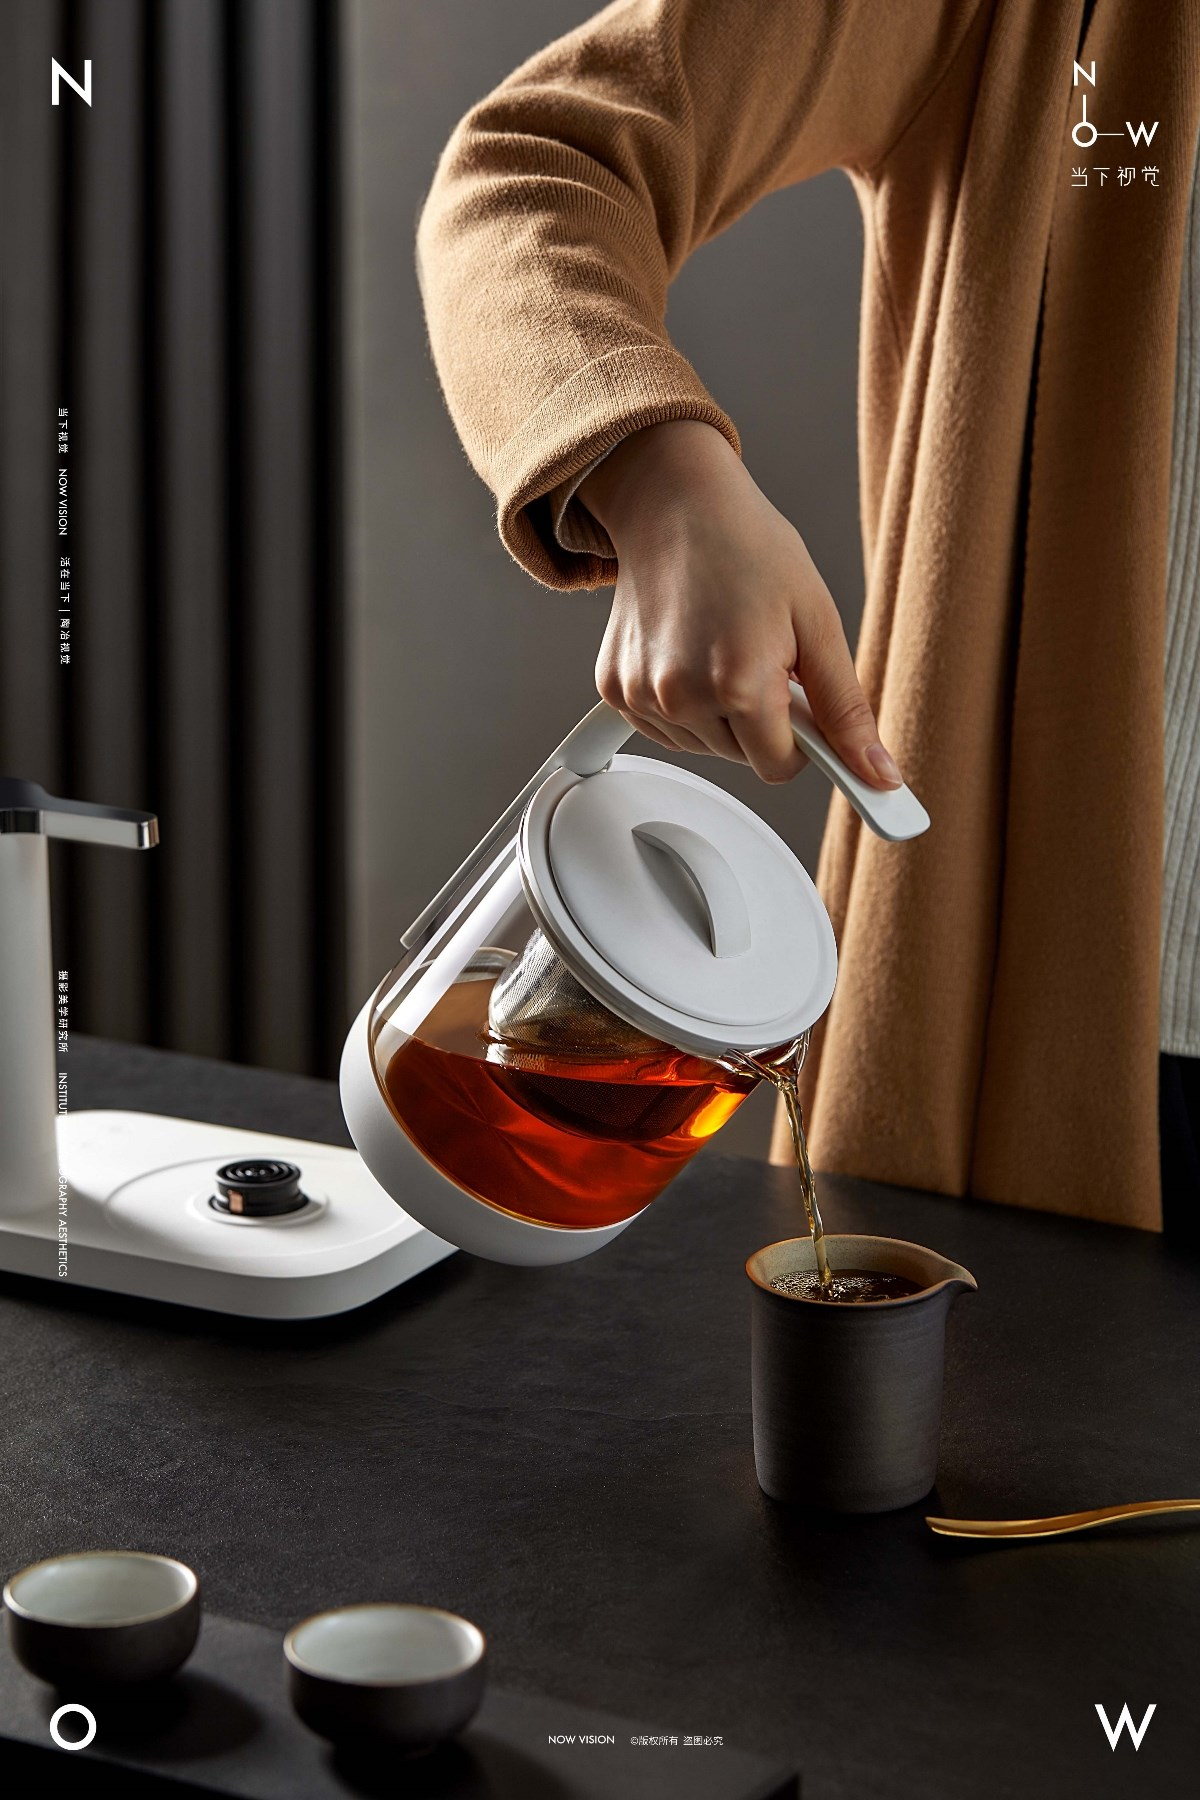 新一代茶具 | 三界 X 当下视觉摄NOW VISION